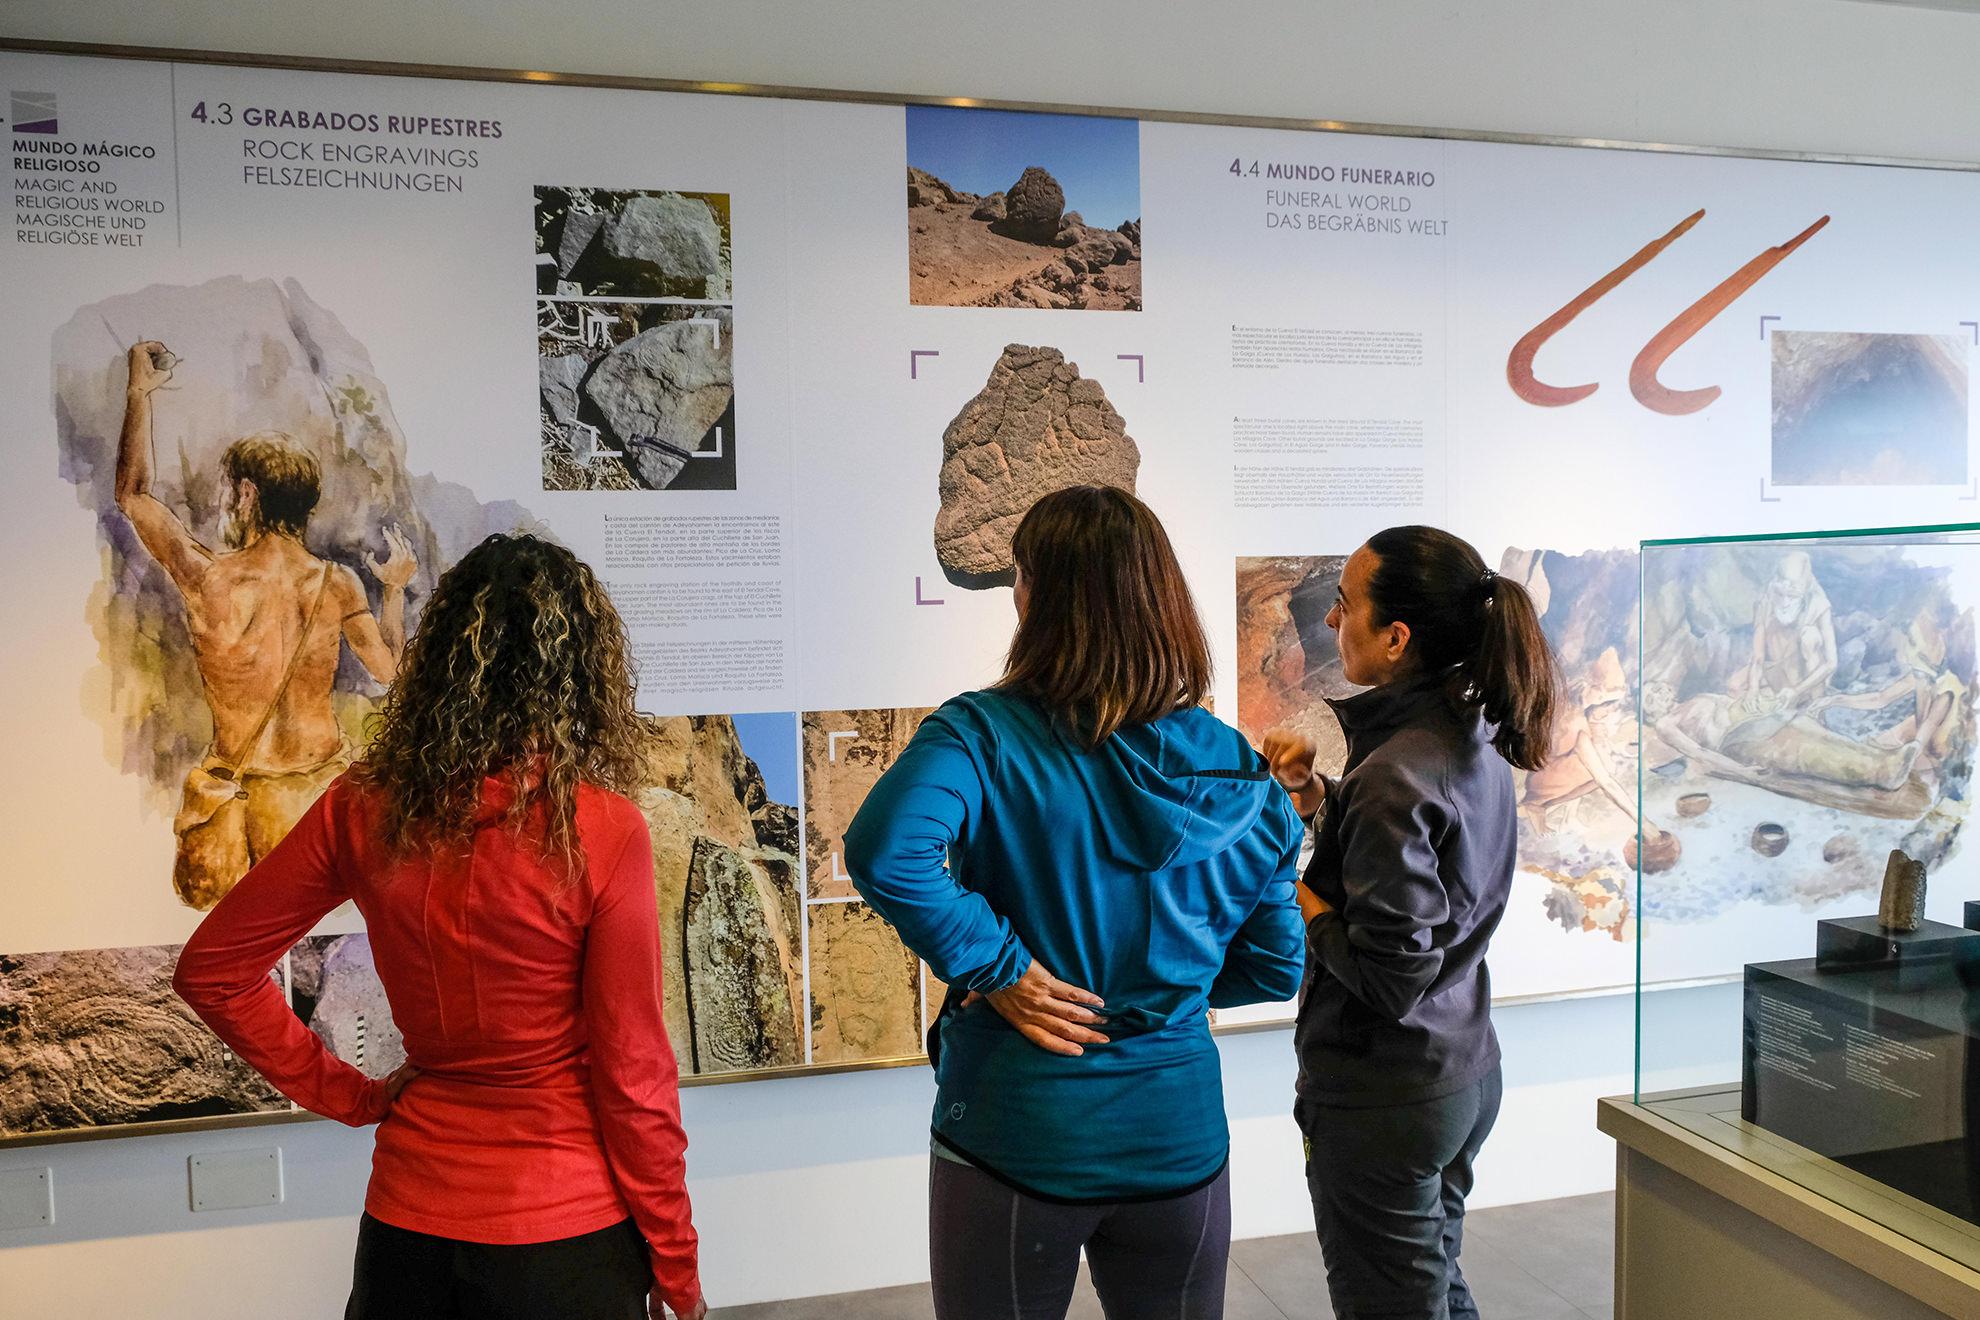 La storia dell'isola de La Palma gli aborigeni benahoaritas auaritas